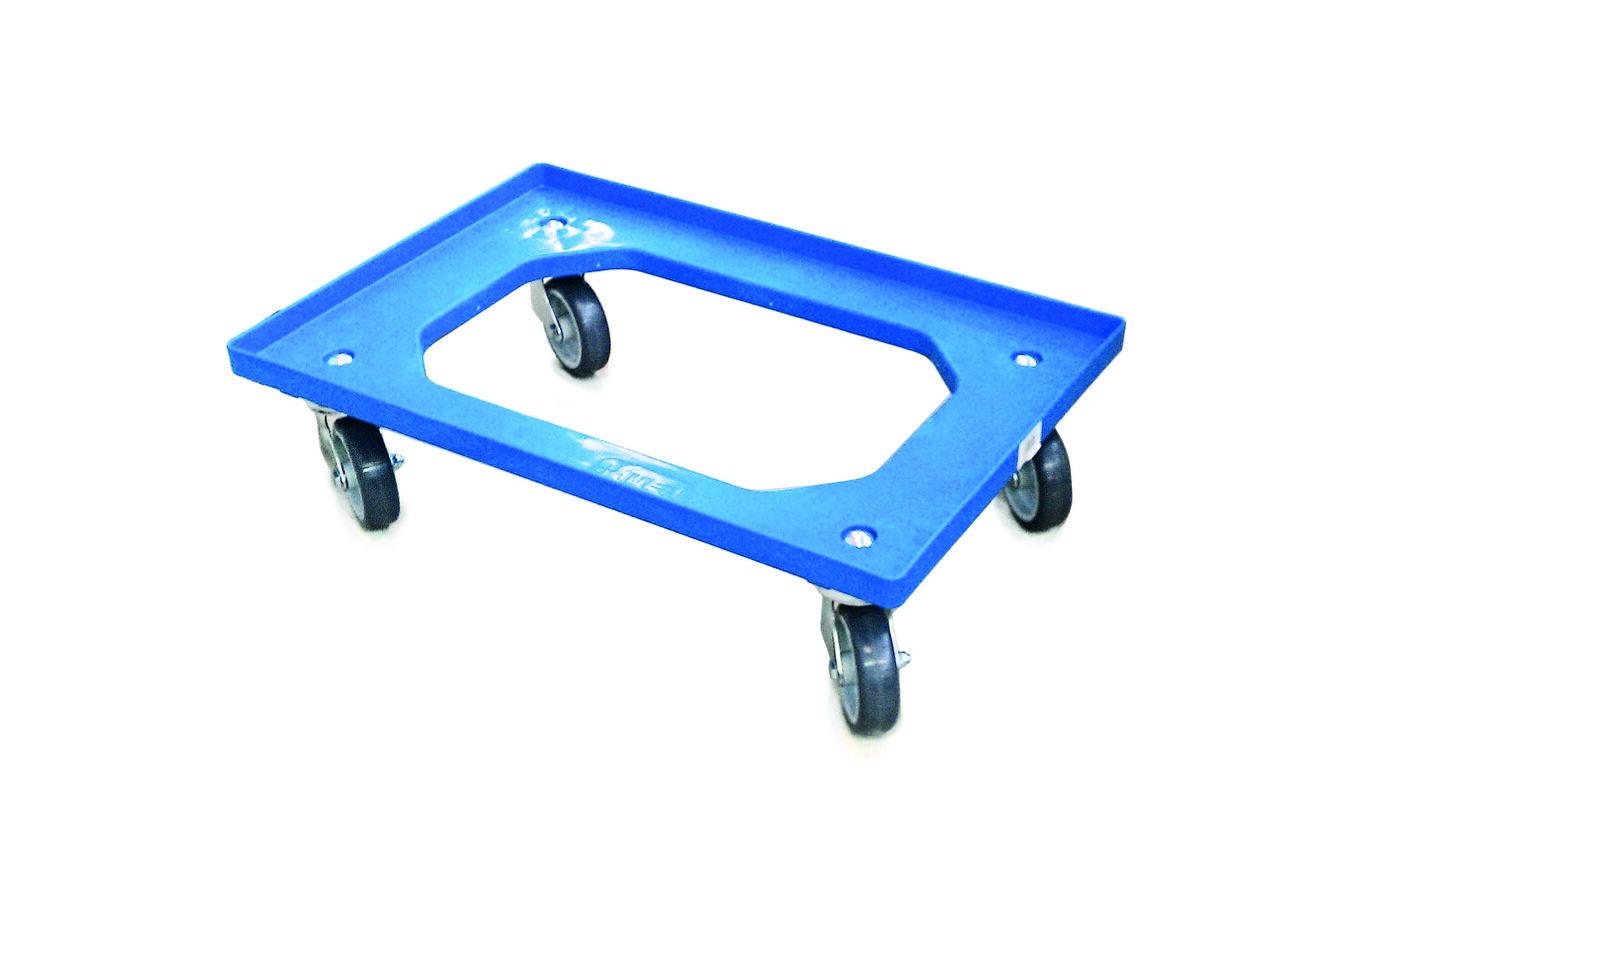 Surplus Rollwagen für Eurobox  - mit Feststellbremse Feststellbremse Feststellbremse | Outlet Store Online  | Garantiere Qualität und Quantität  44bd1f